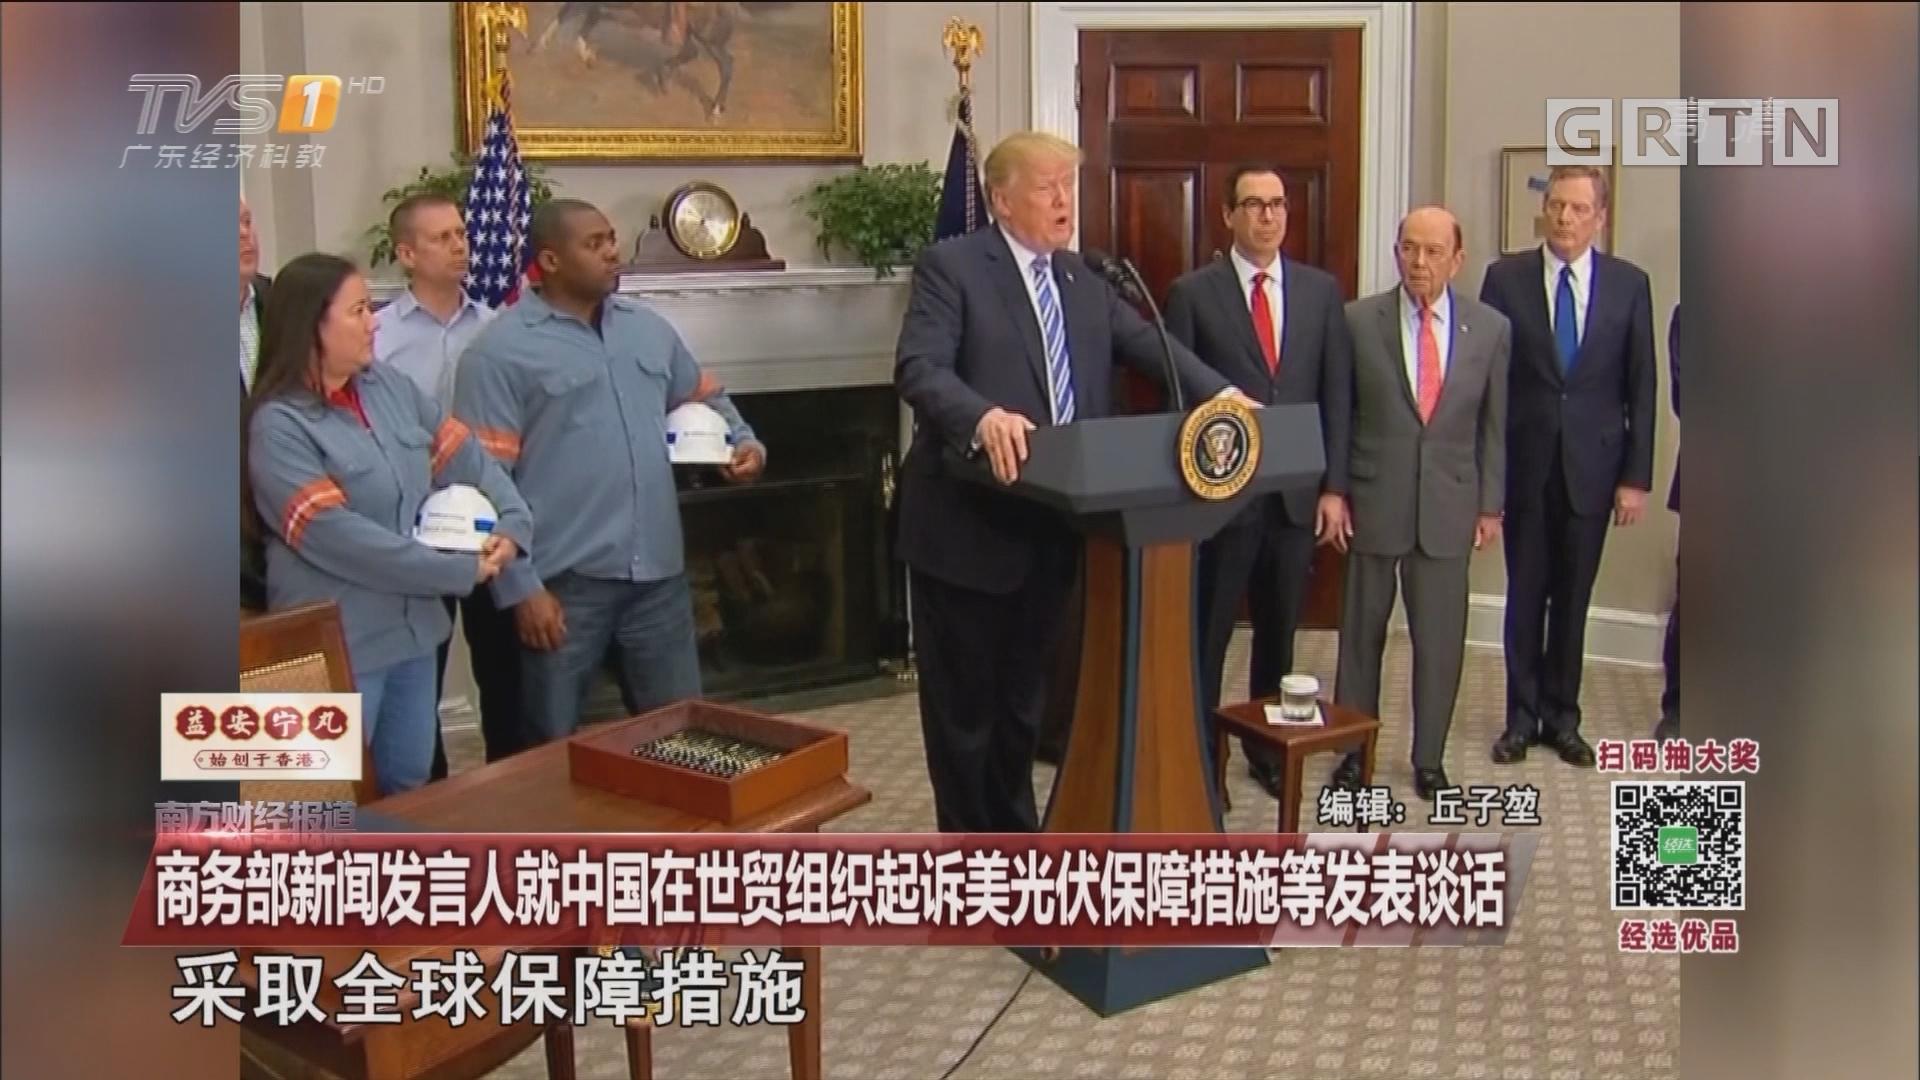 商务部新闻发言人就中国在世贸组织起诉美光伏保障措施等发表谈话